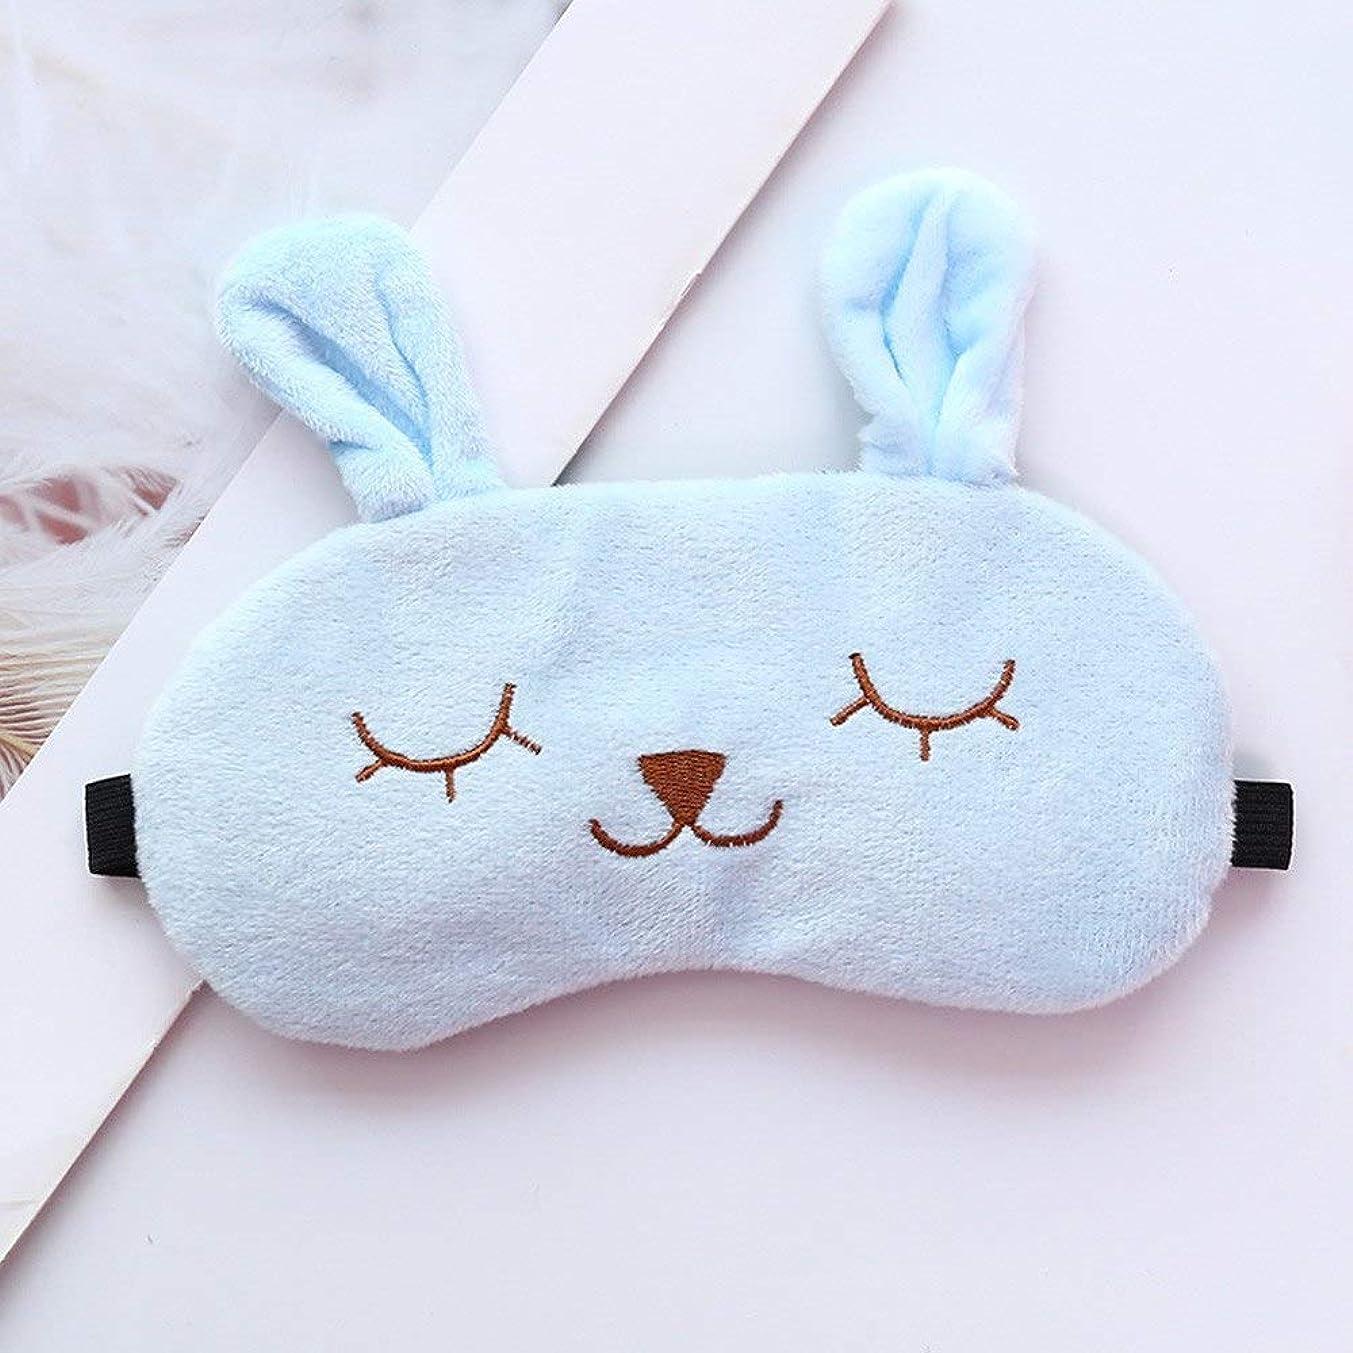 スリップペレグリネーション天窓NOTE OutTop Sleep Maskナチュラルスリーピングアイマスクウサギのアイシェードカバーポータブル目隠し旅行調節可能なアイパッチNo Ice Bag#30